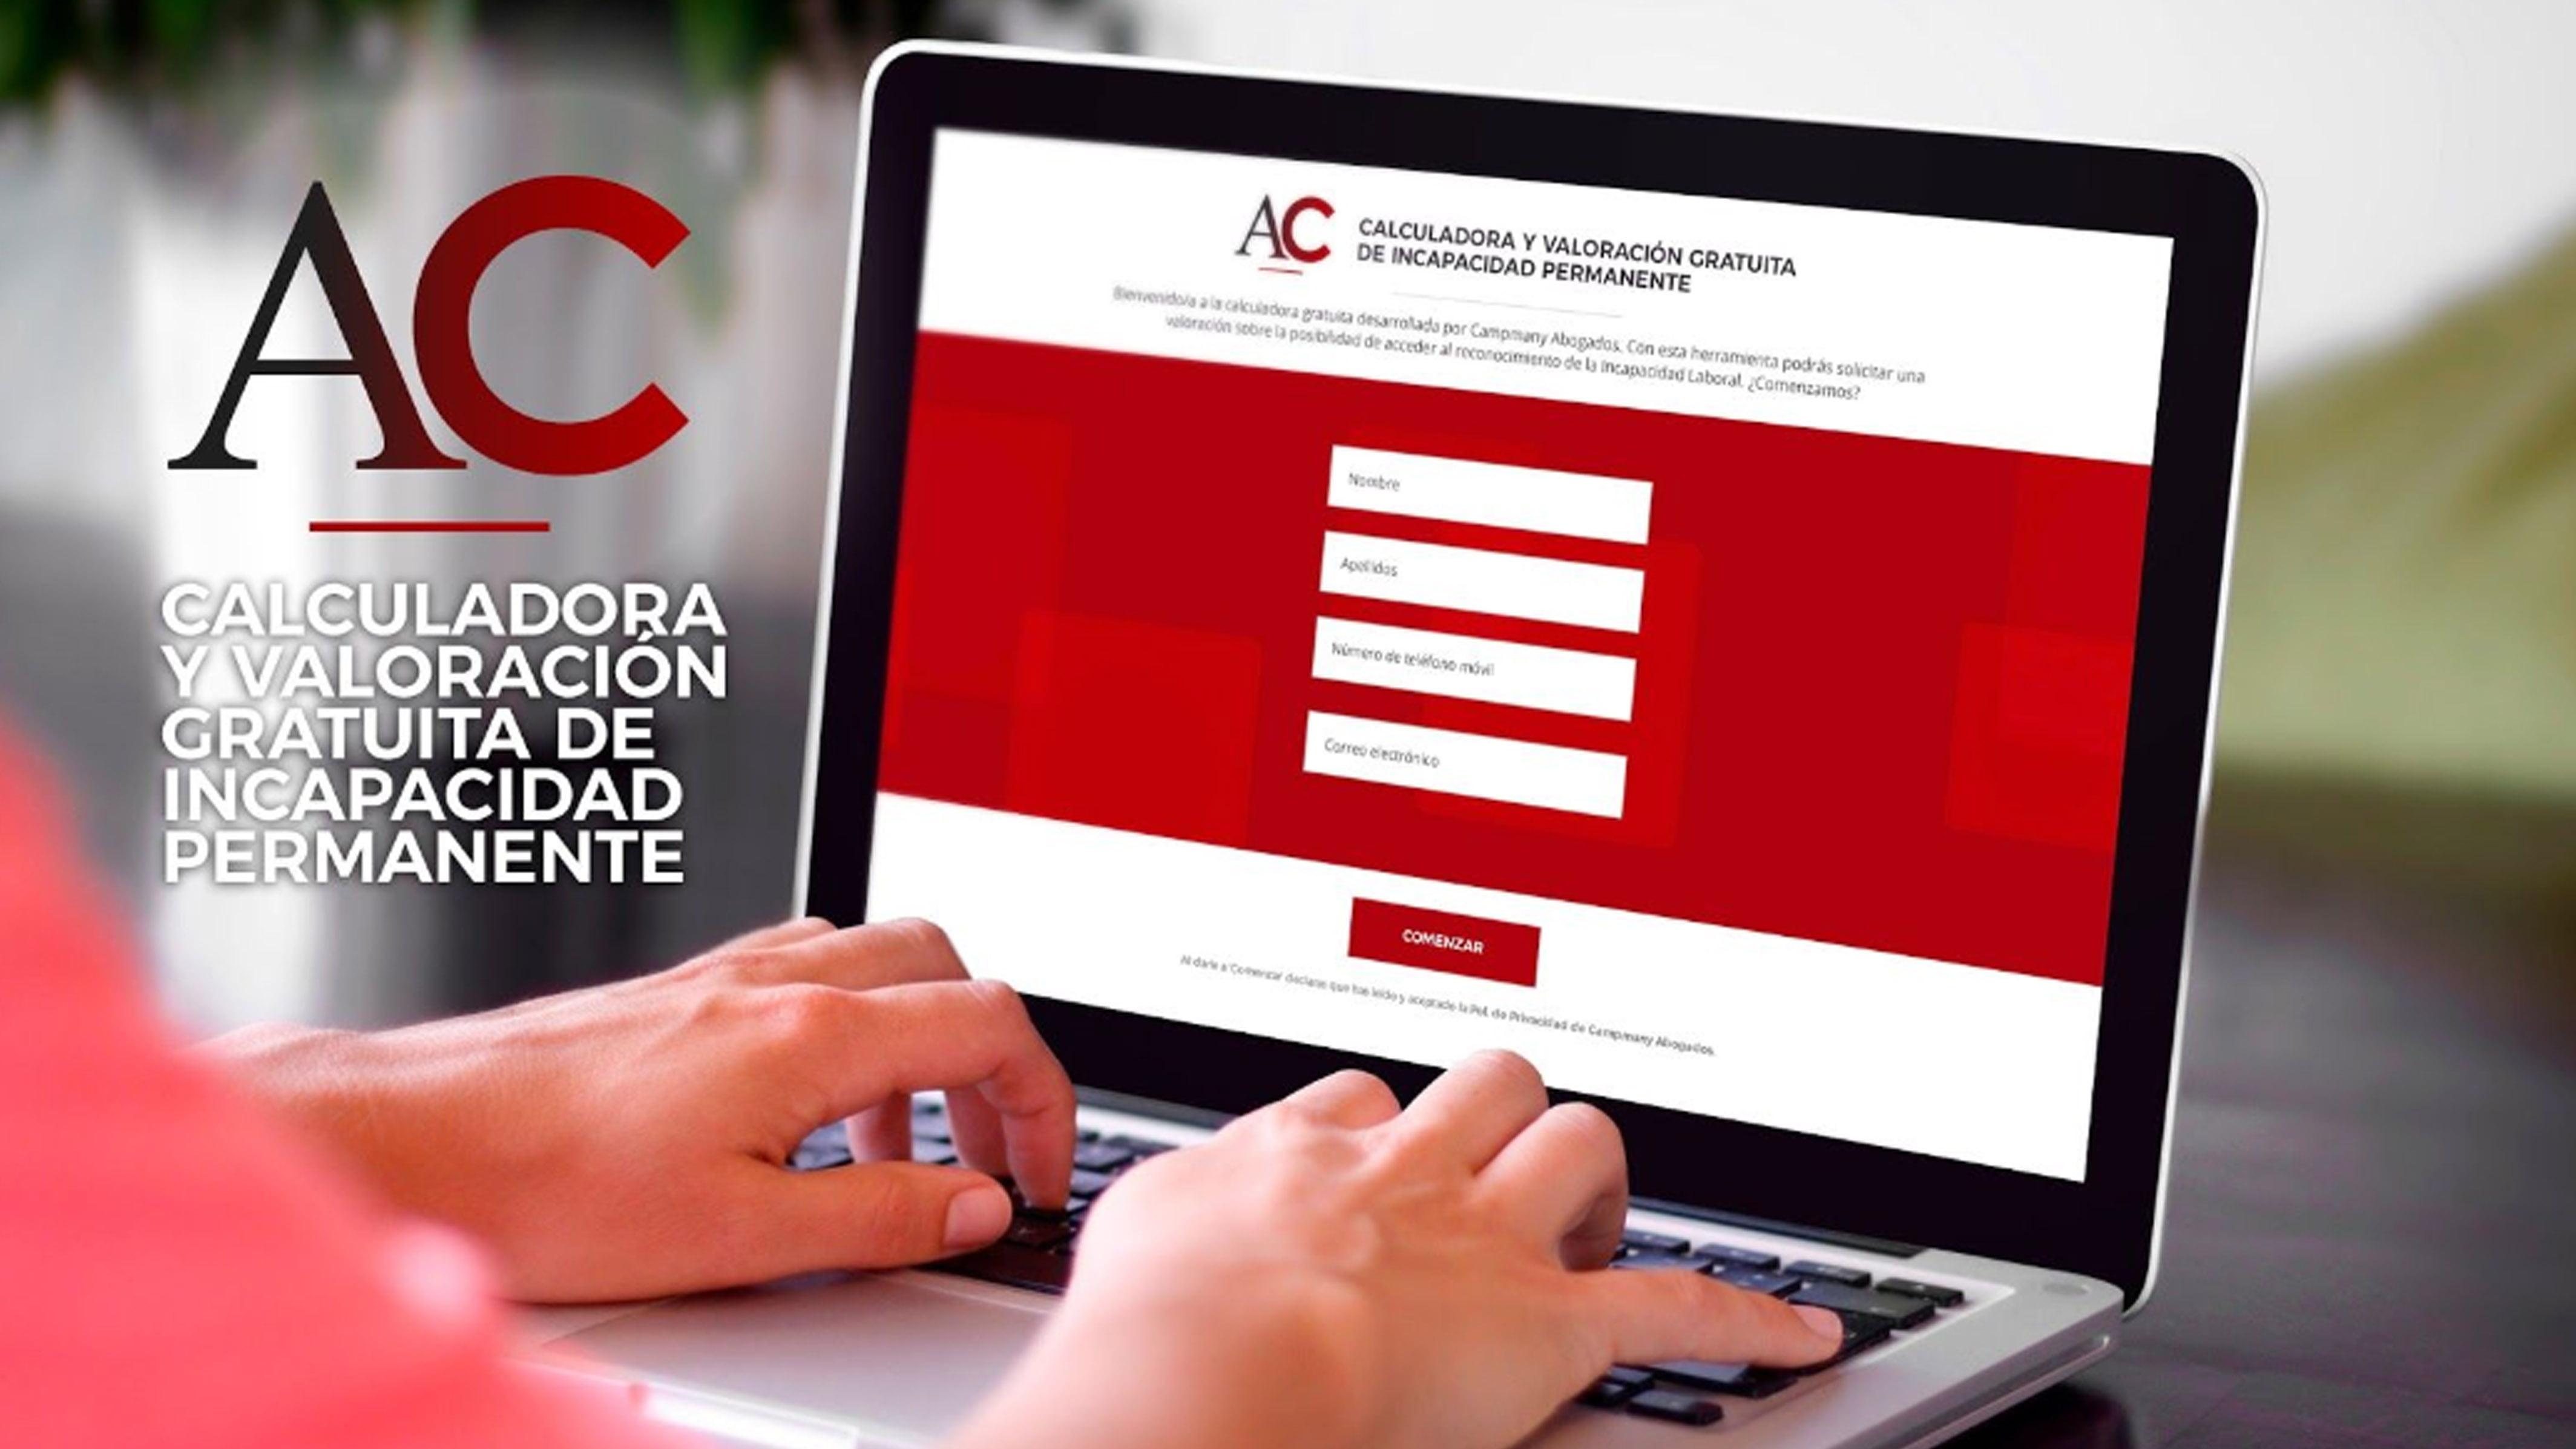 Nace una herramienta web para agilizar el acceso a la incapacidad permanente